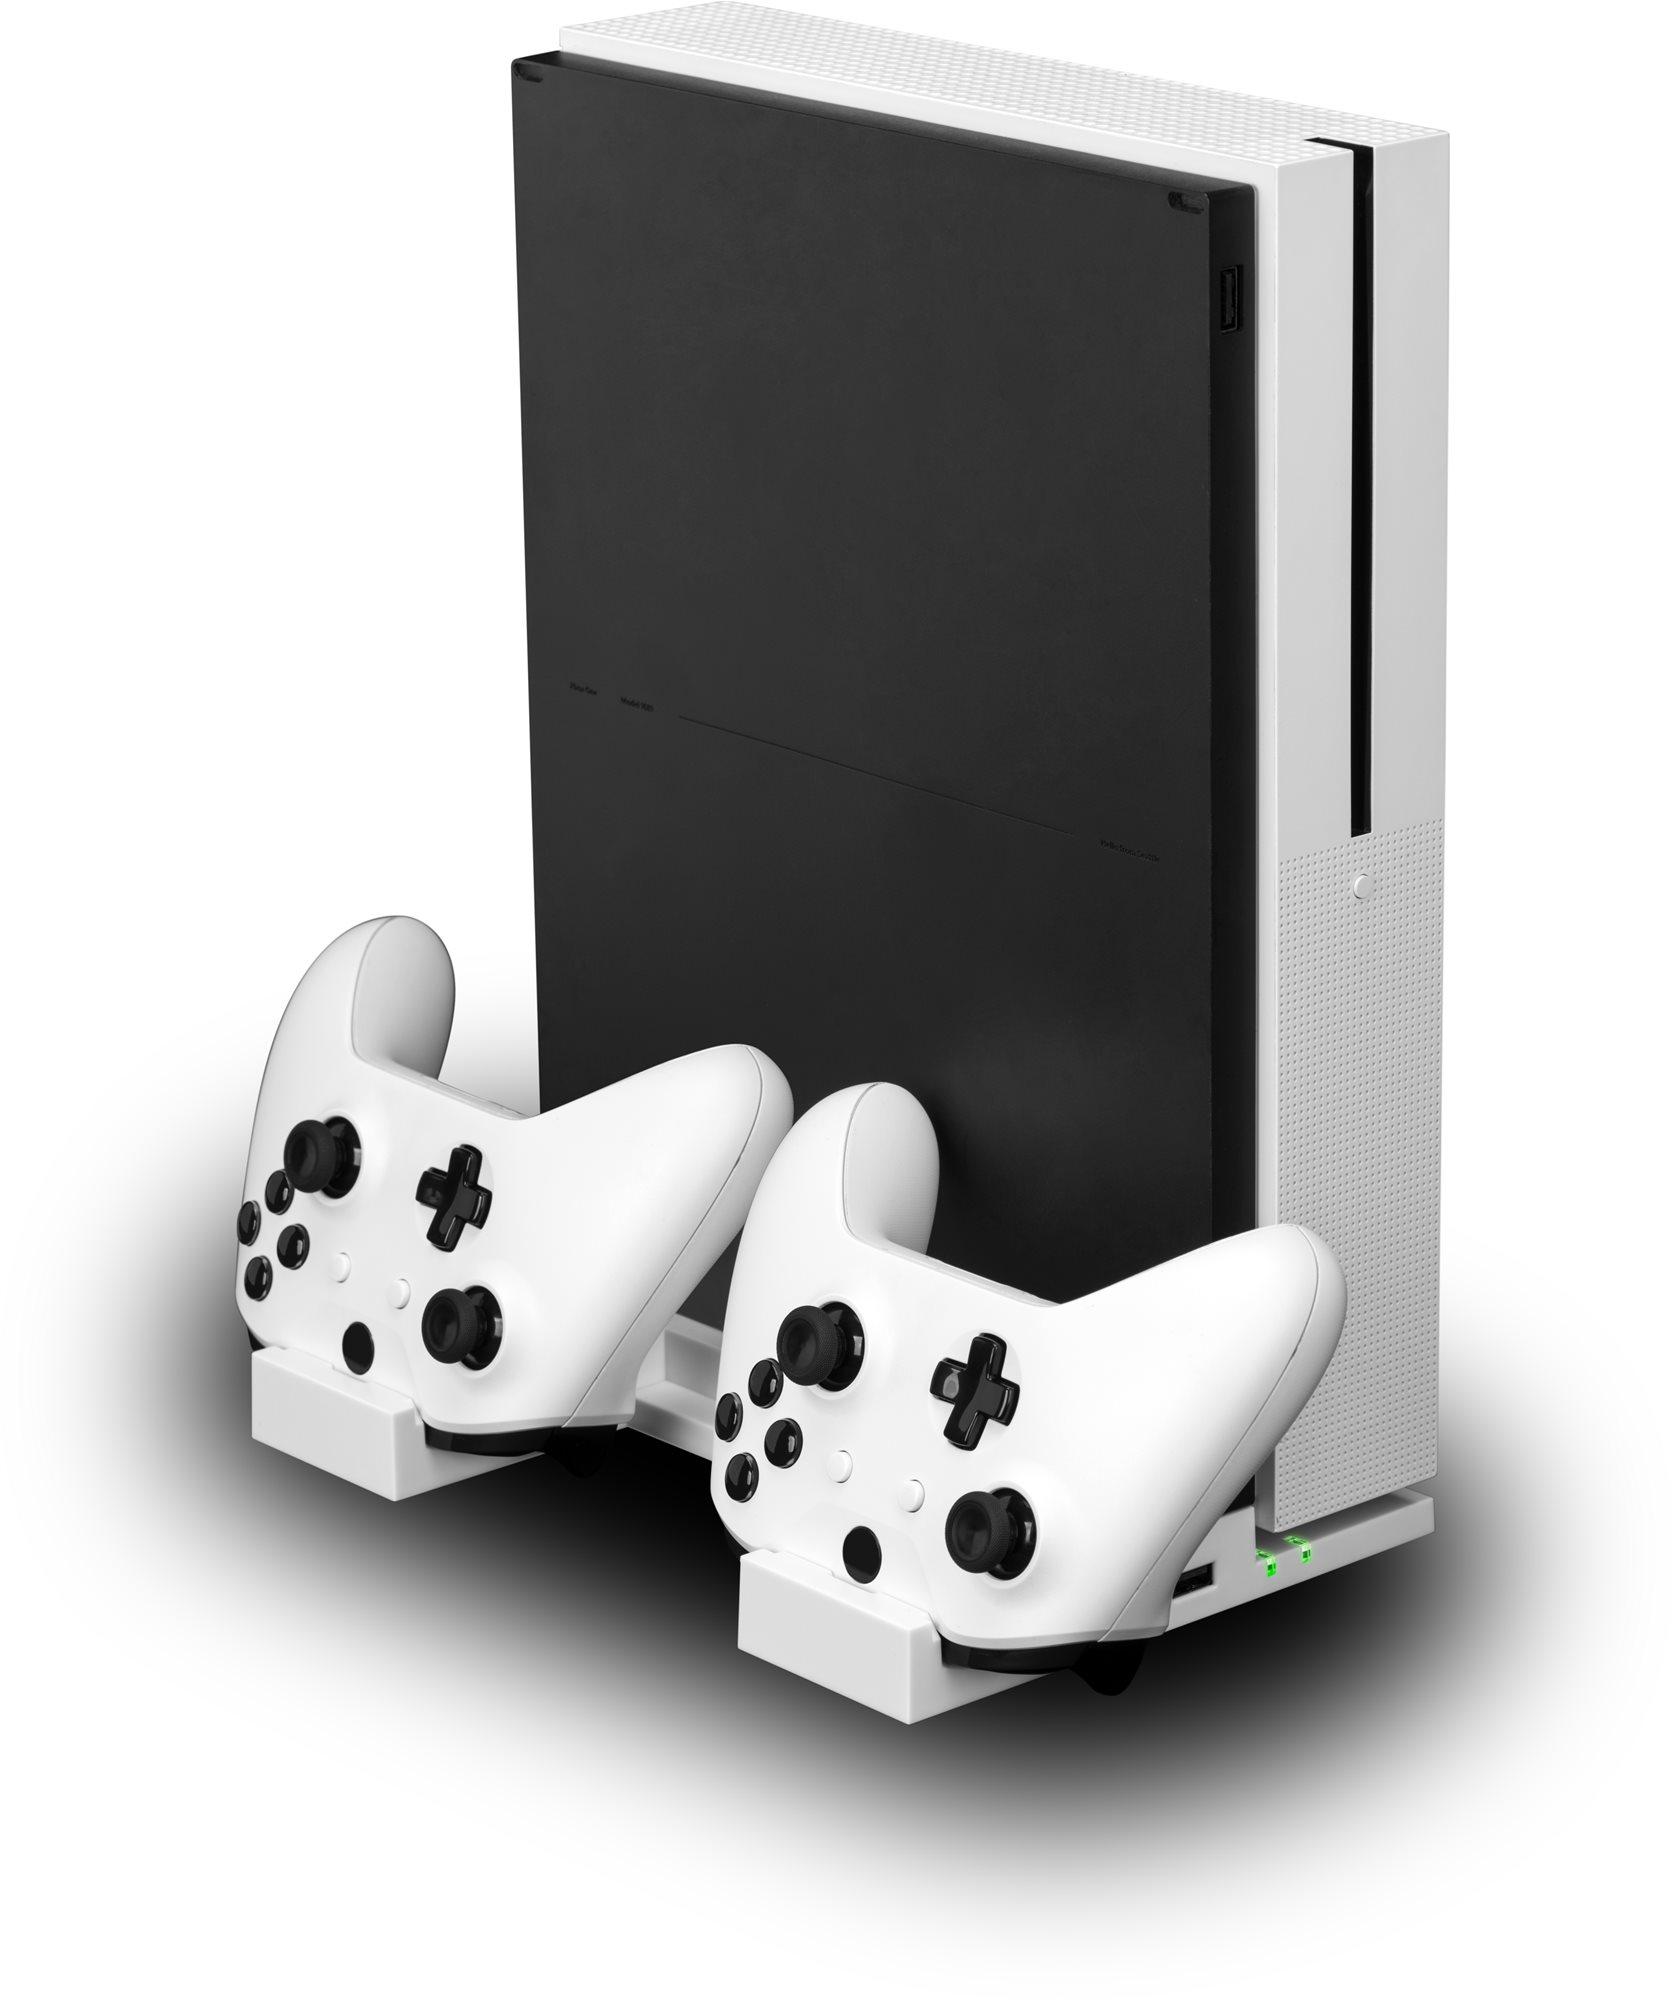 Nitho Docking Station - Xbox One S